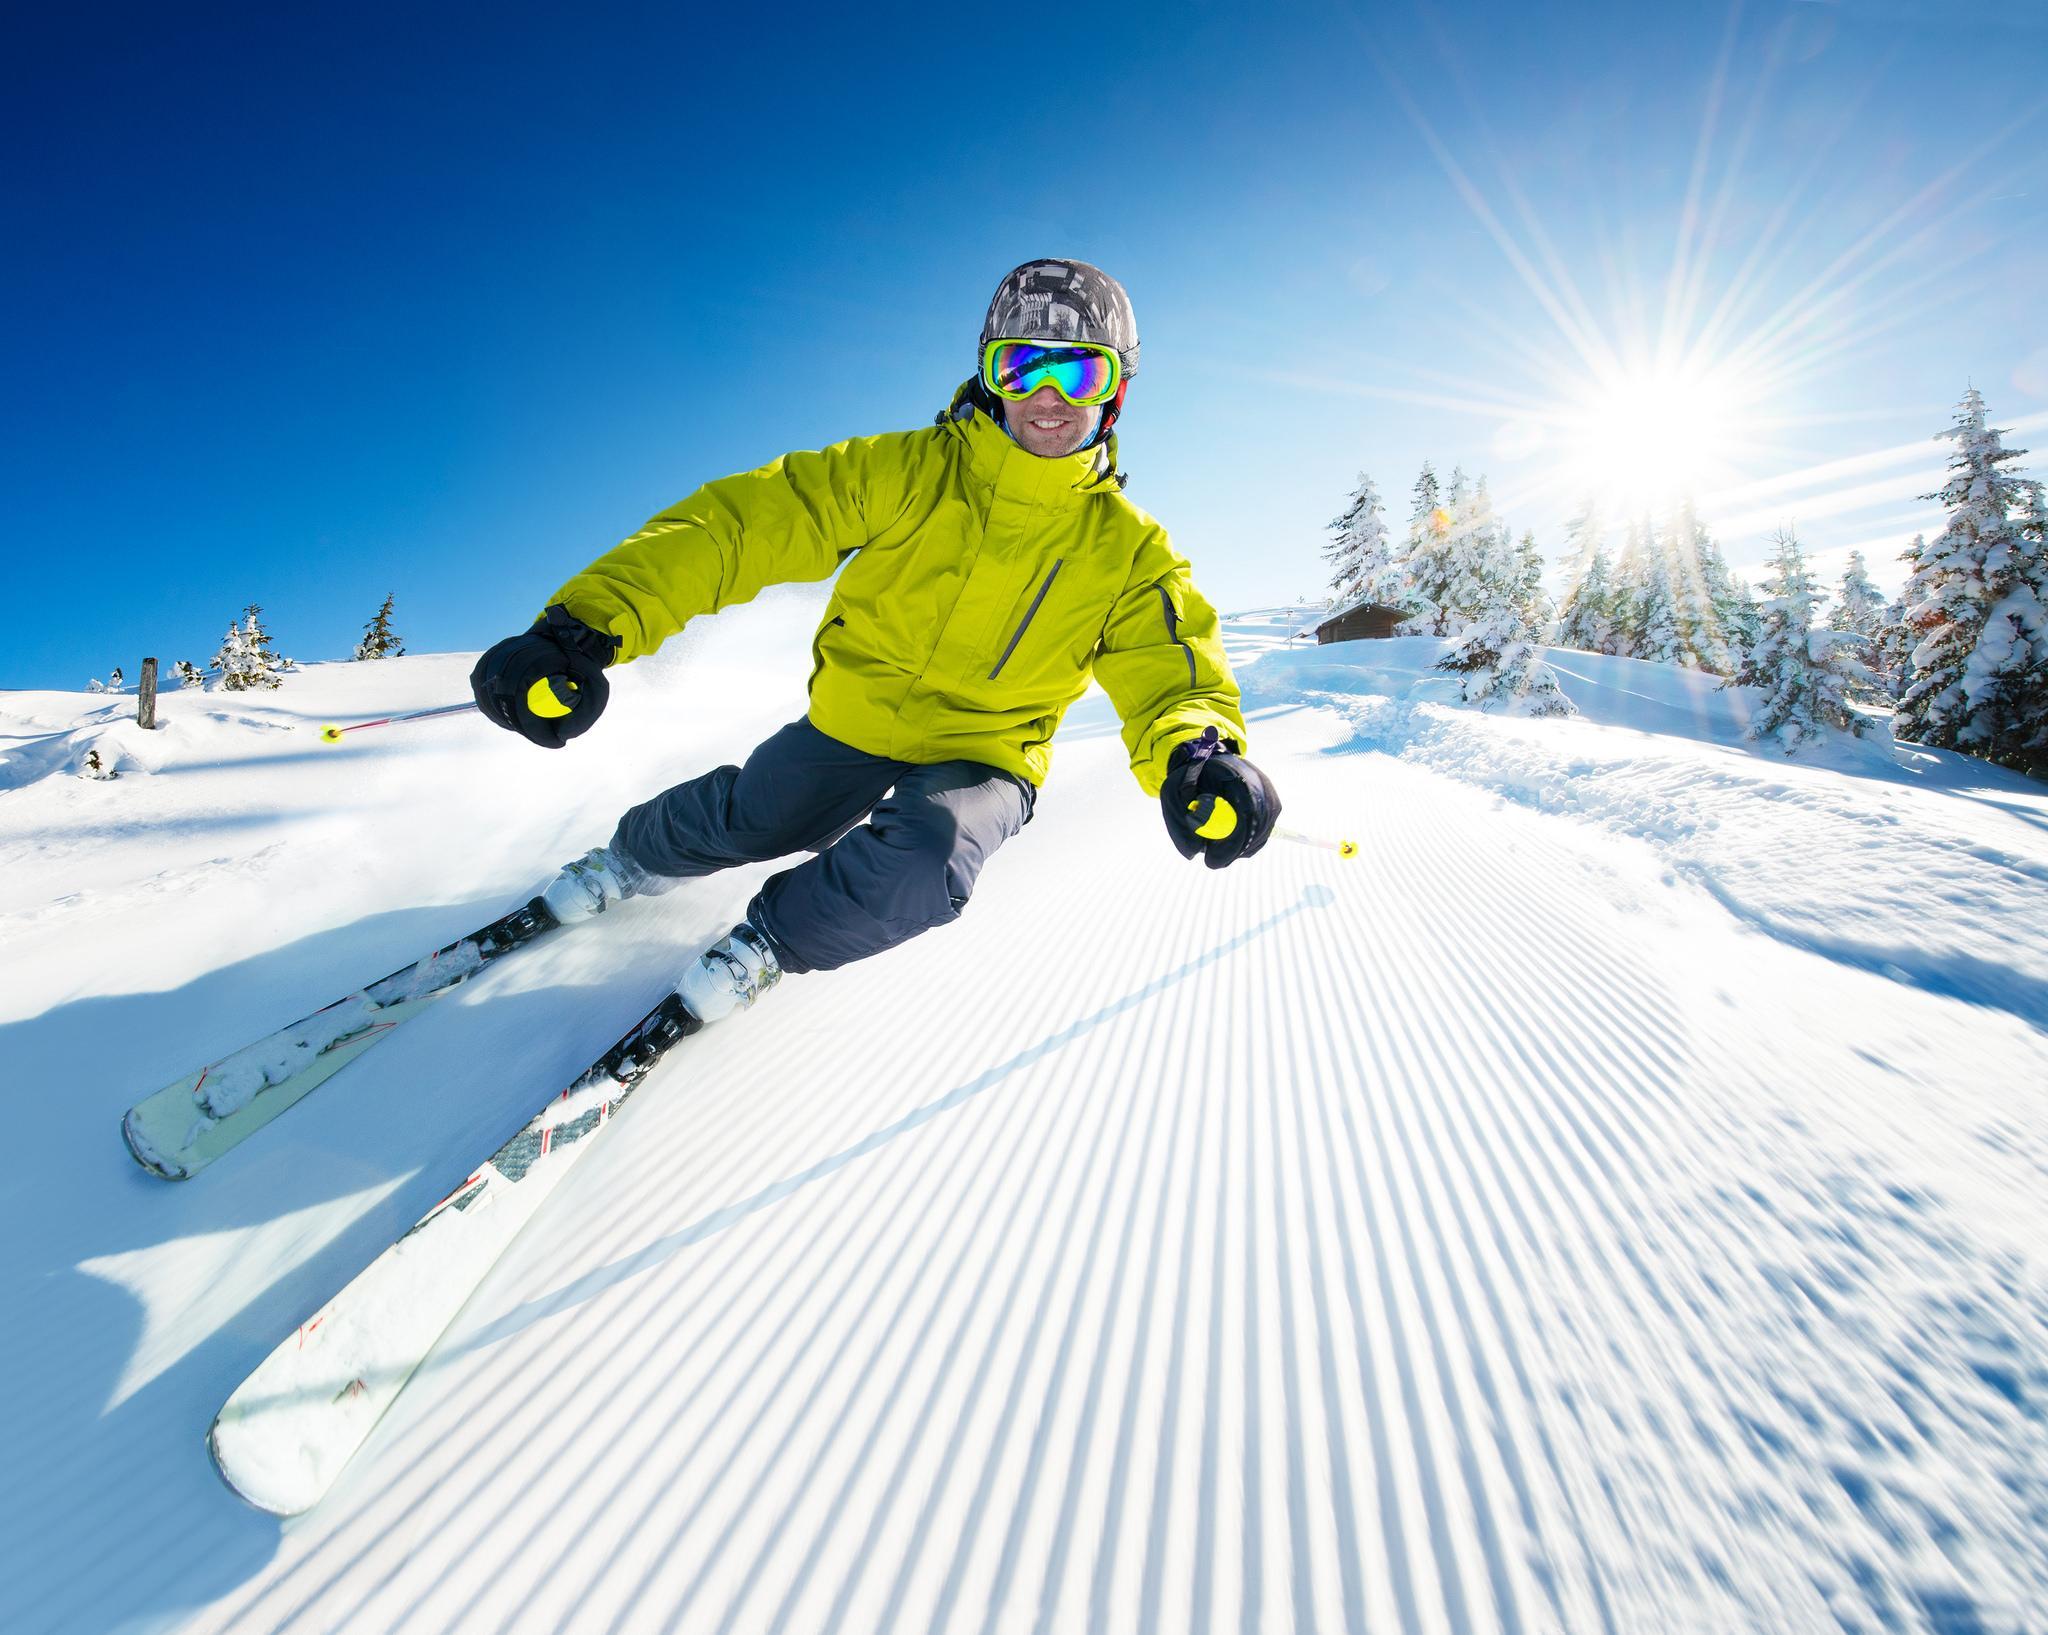 Privé skilessen voor volwassenen - ervaren